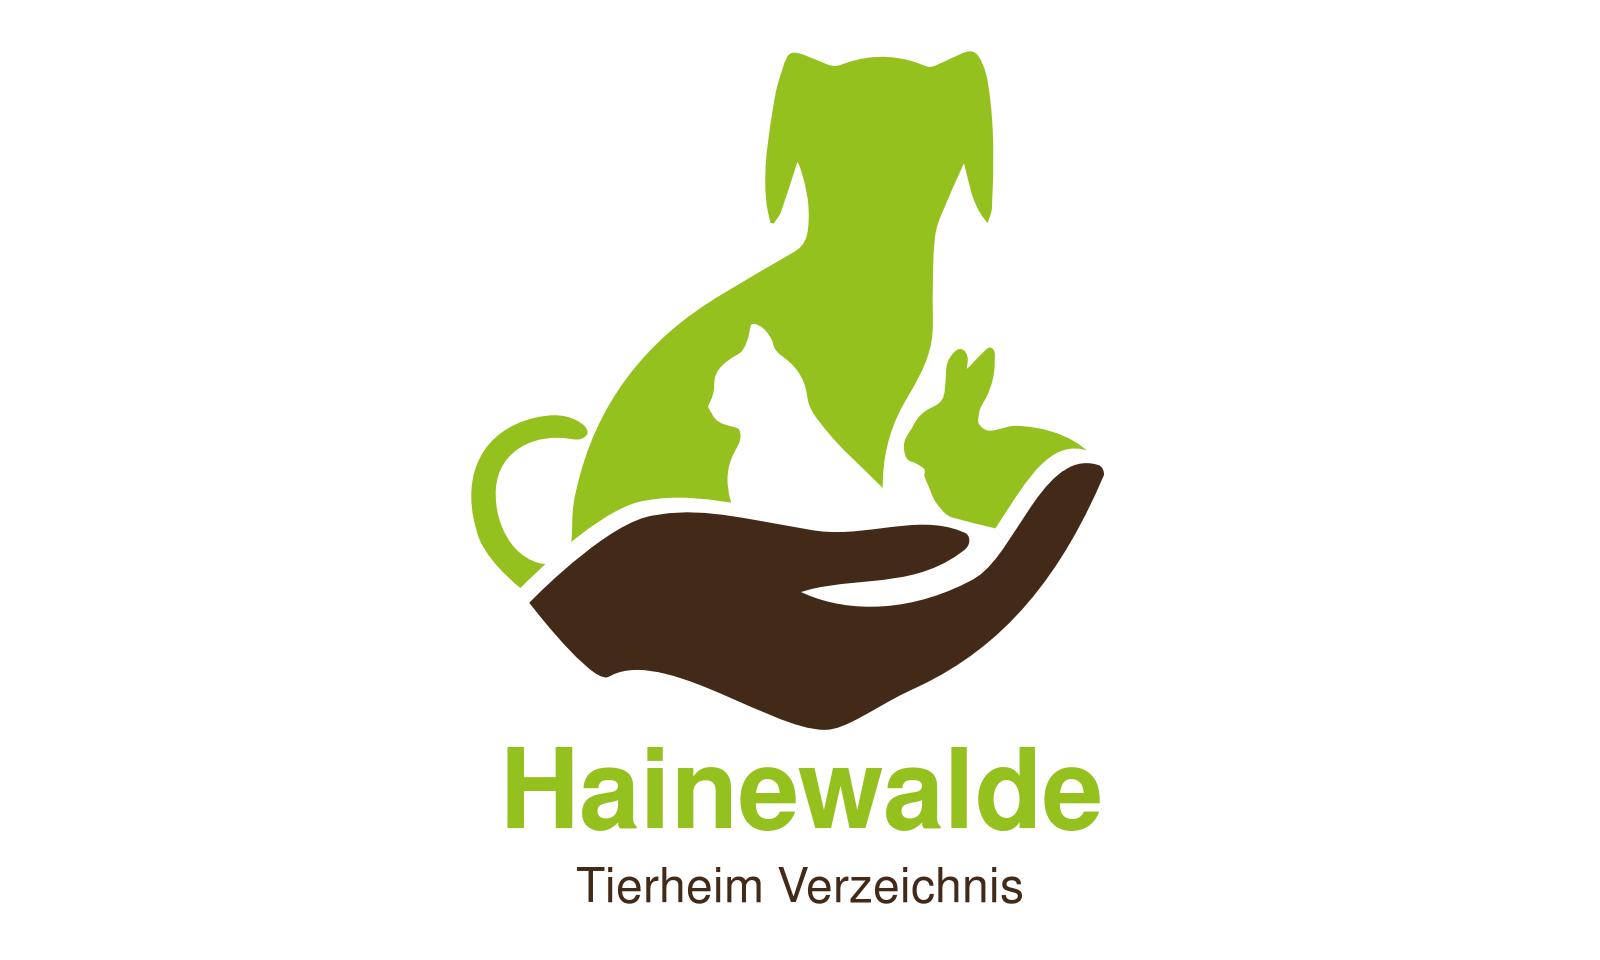 Tierheim Hainewalde